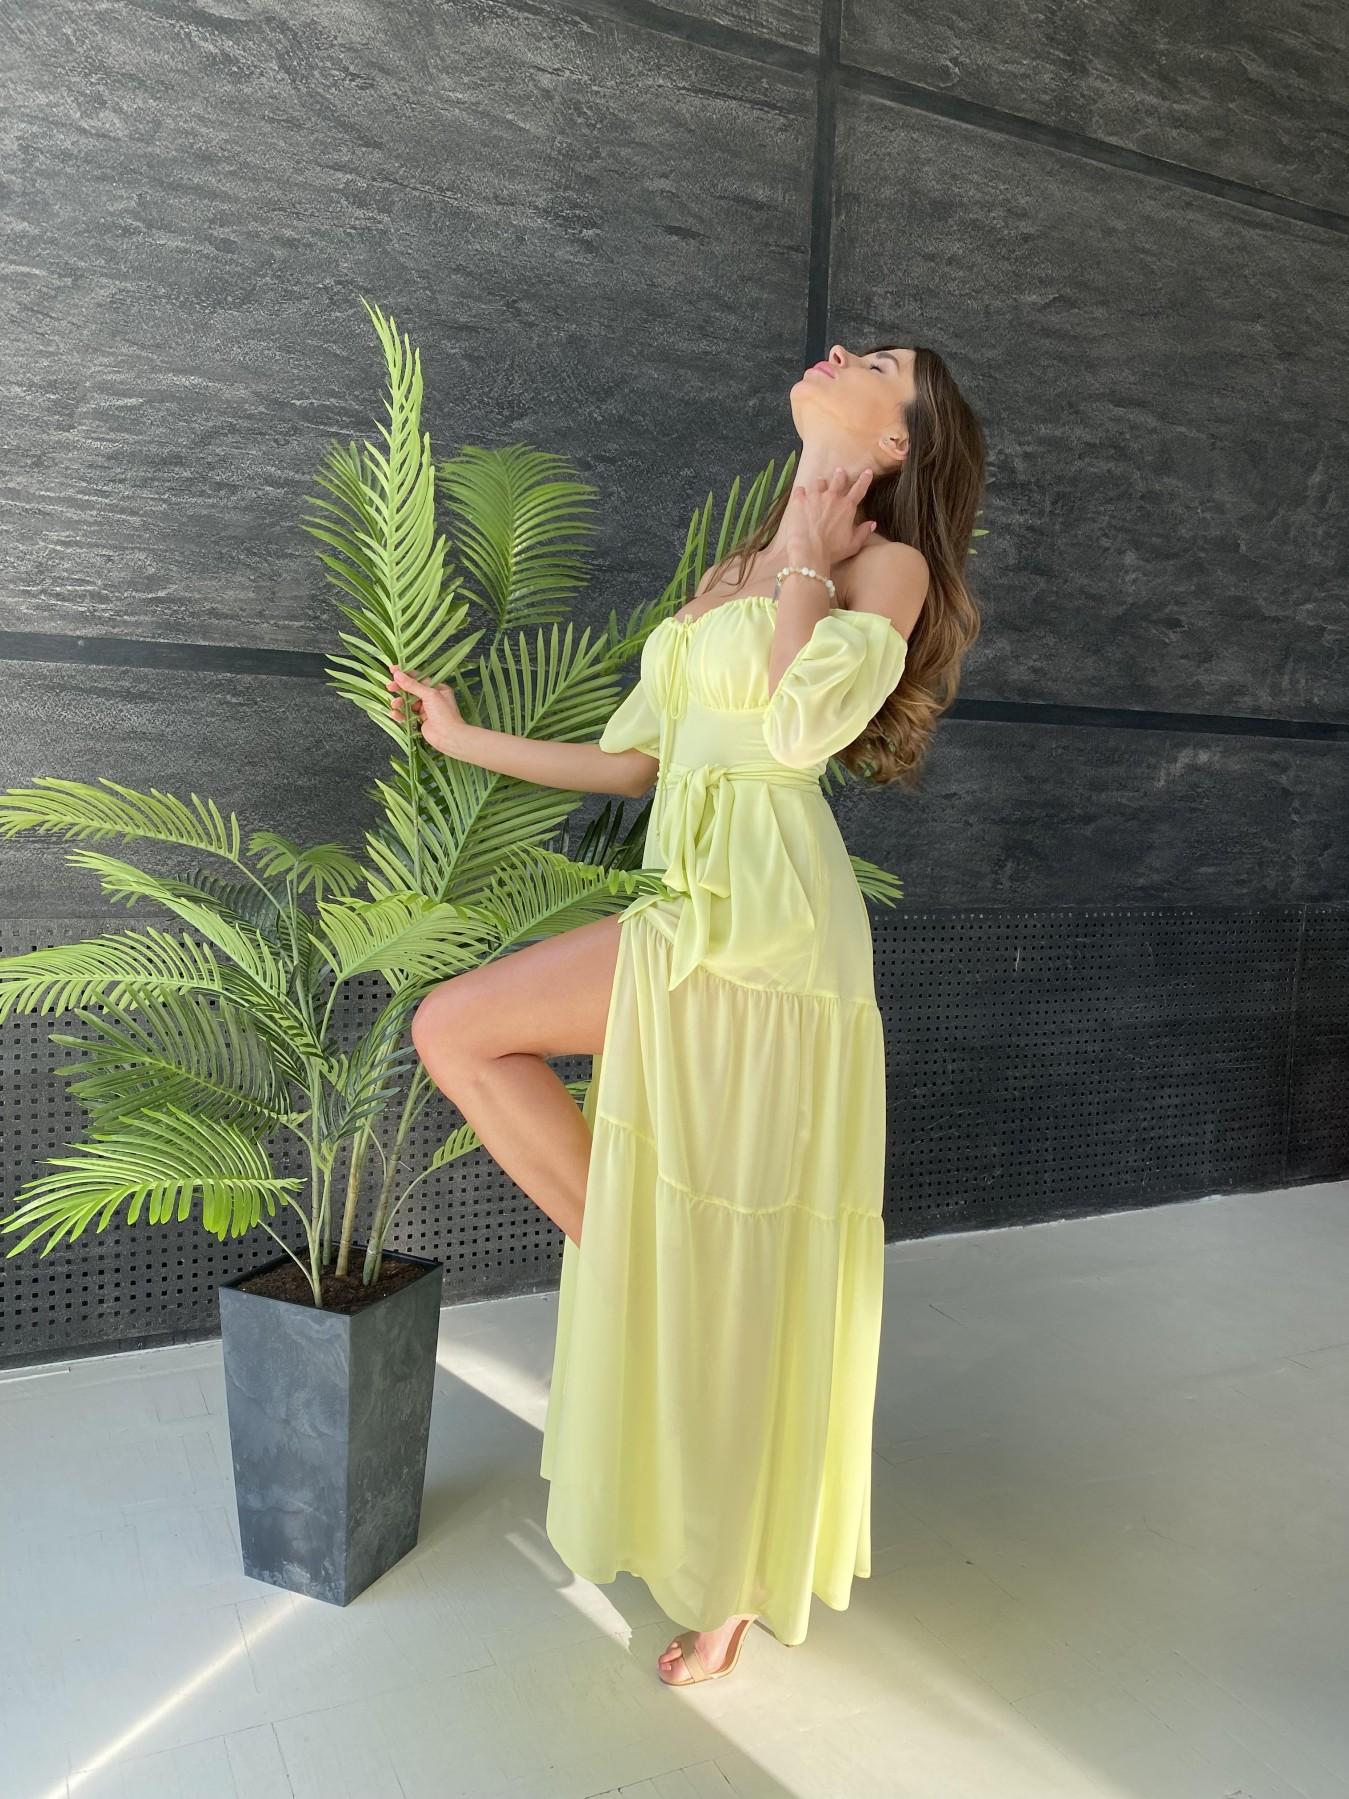 Сейшелы платье креп шифон 11519 АРТ. 48161 Цвет: Желтый - фото 8, интернет магазин tm-modus.ru